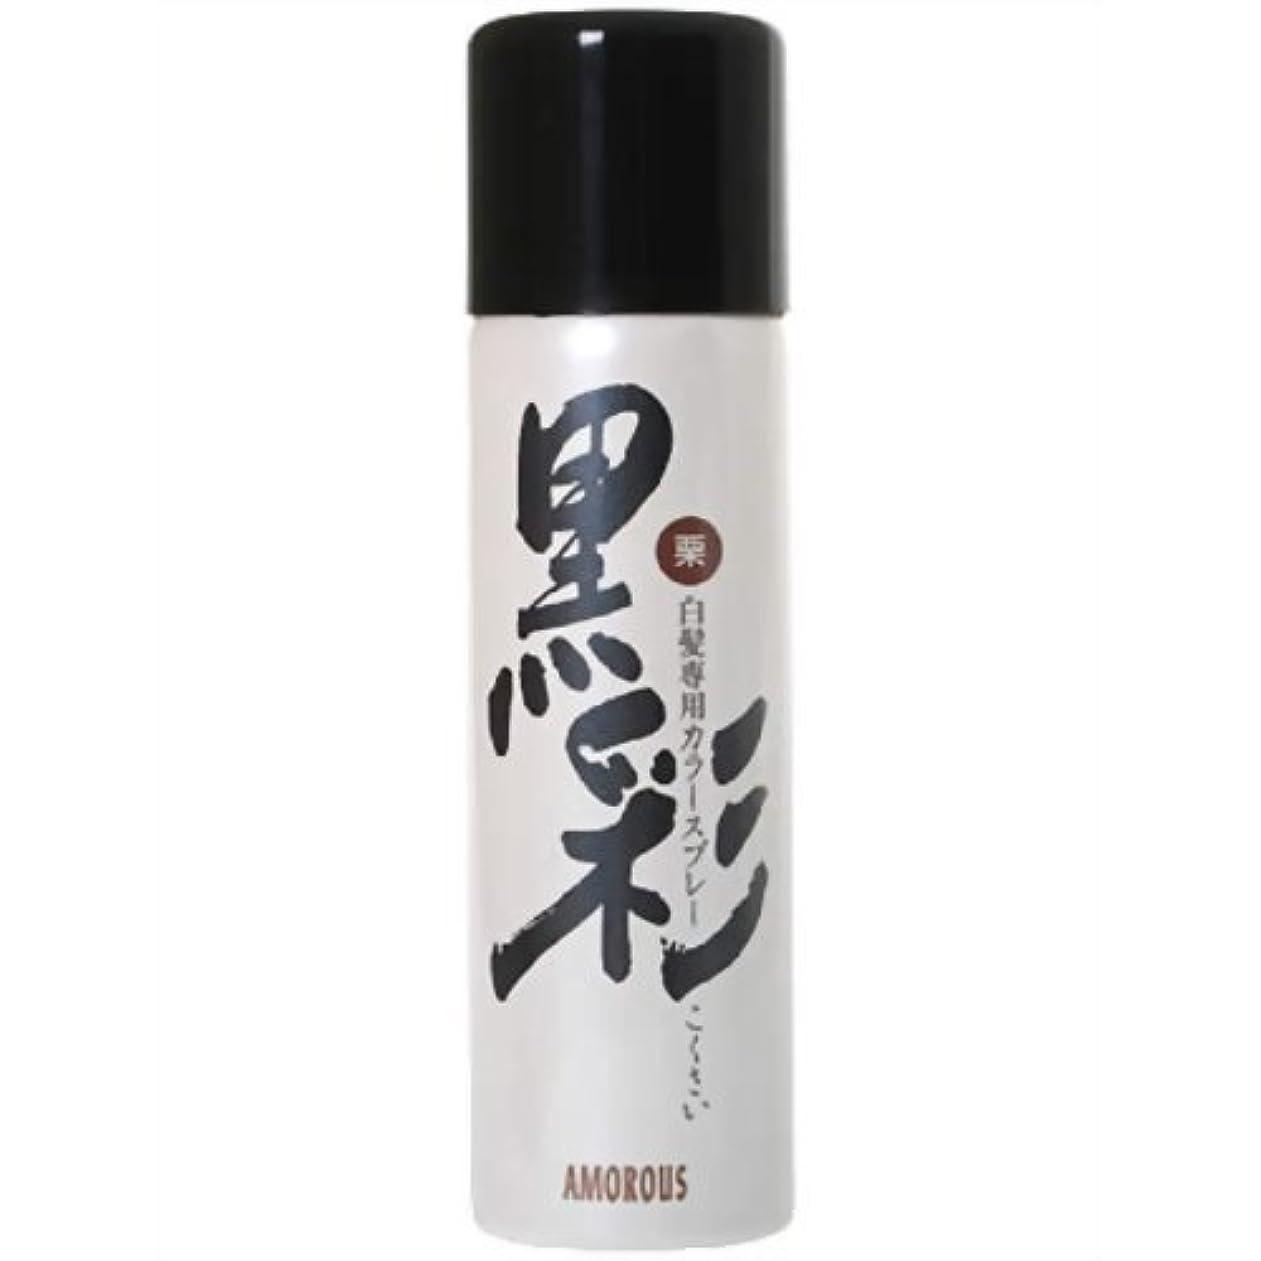 ジェスチャーエンジニアリング選択する堀井薬品 黒彩 ダーリングカラースプレー 76-A